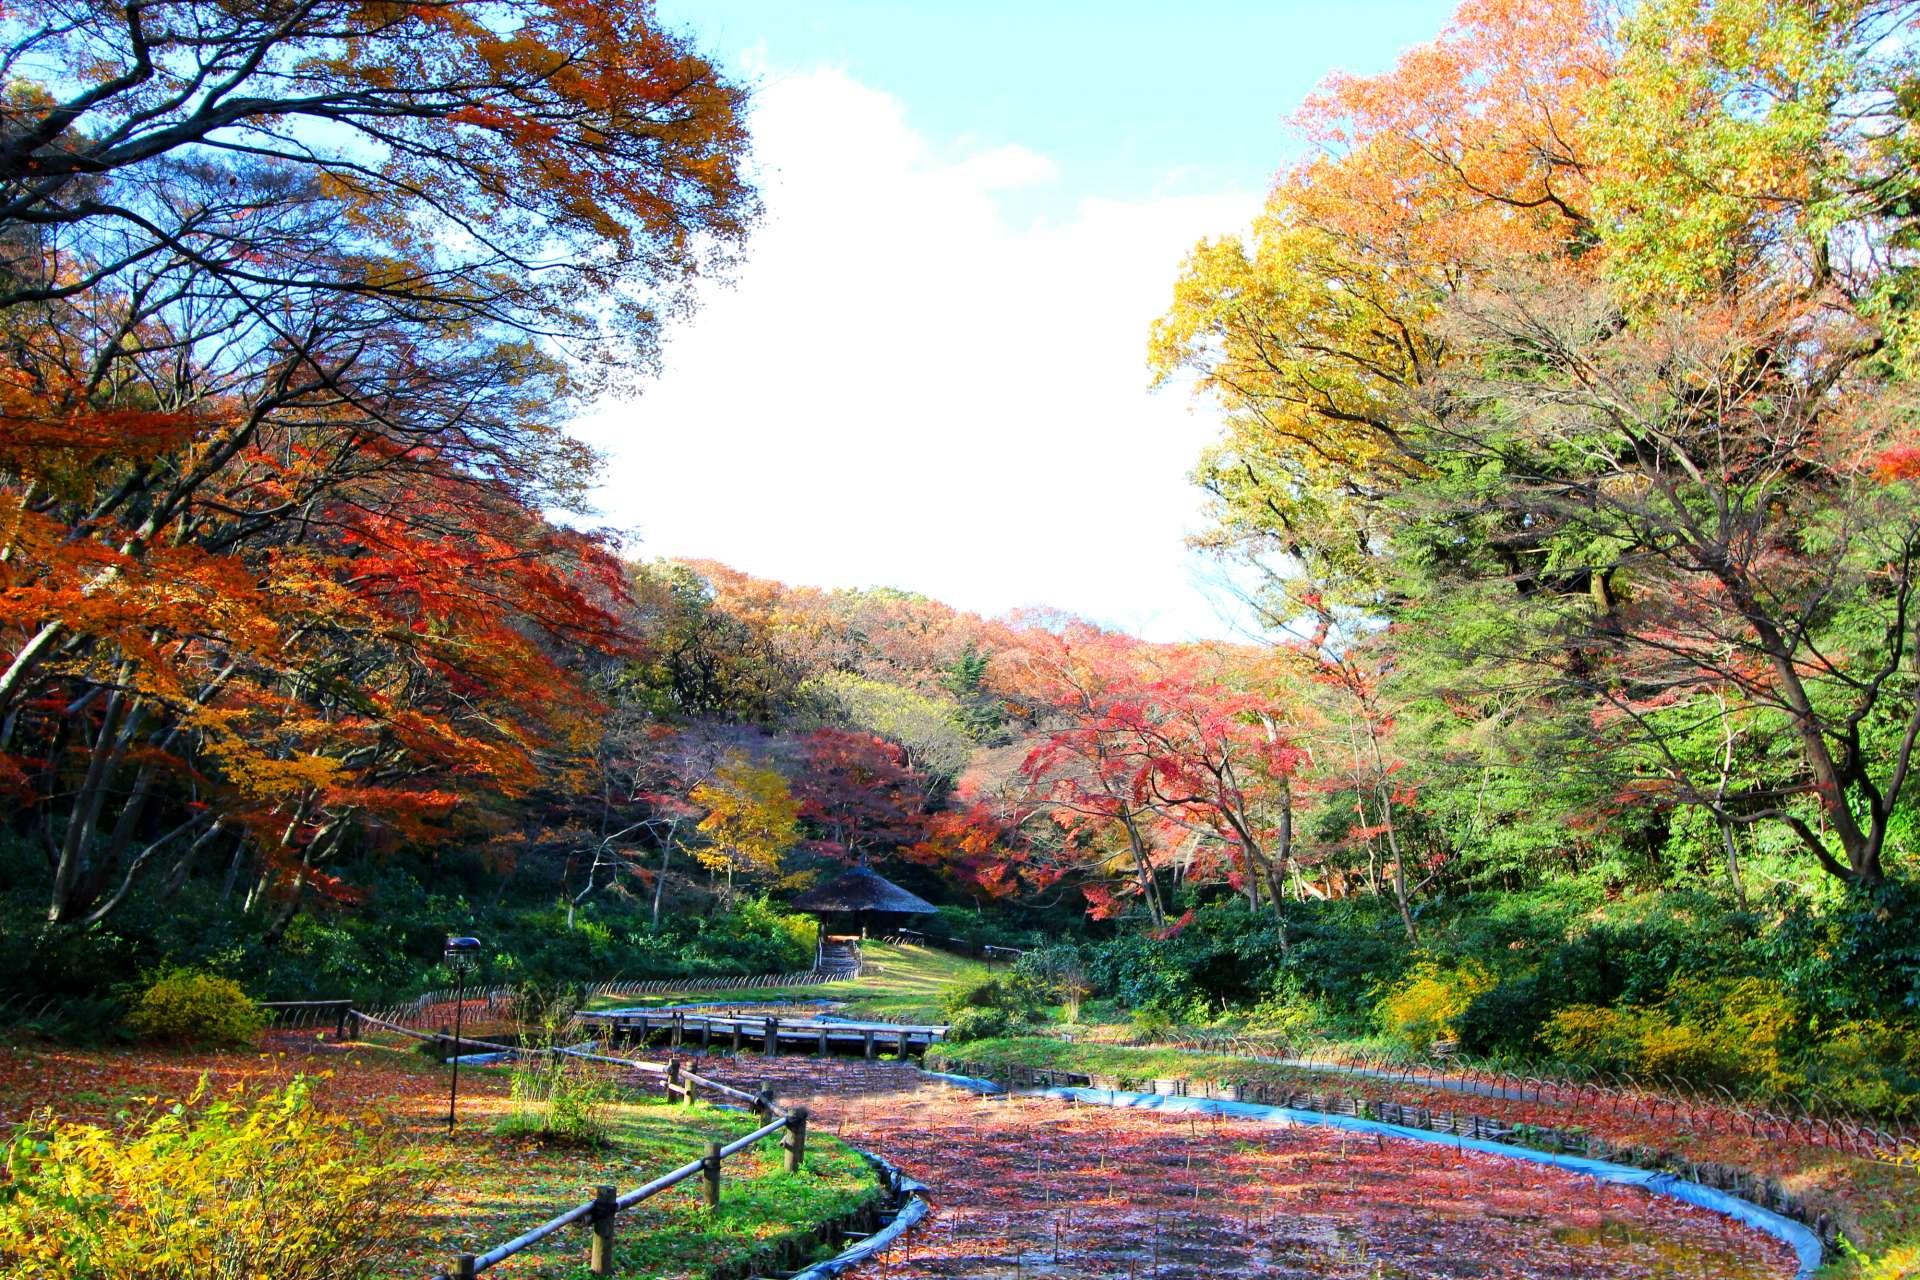 御苑小徑和楓葉